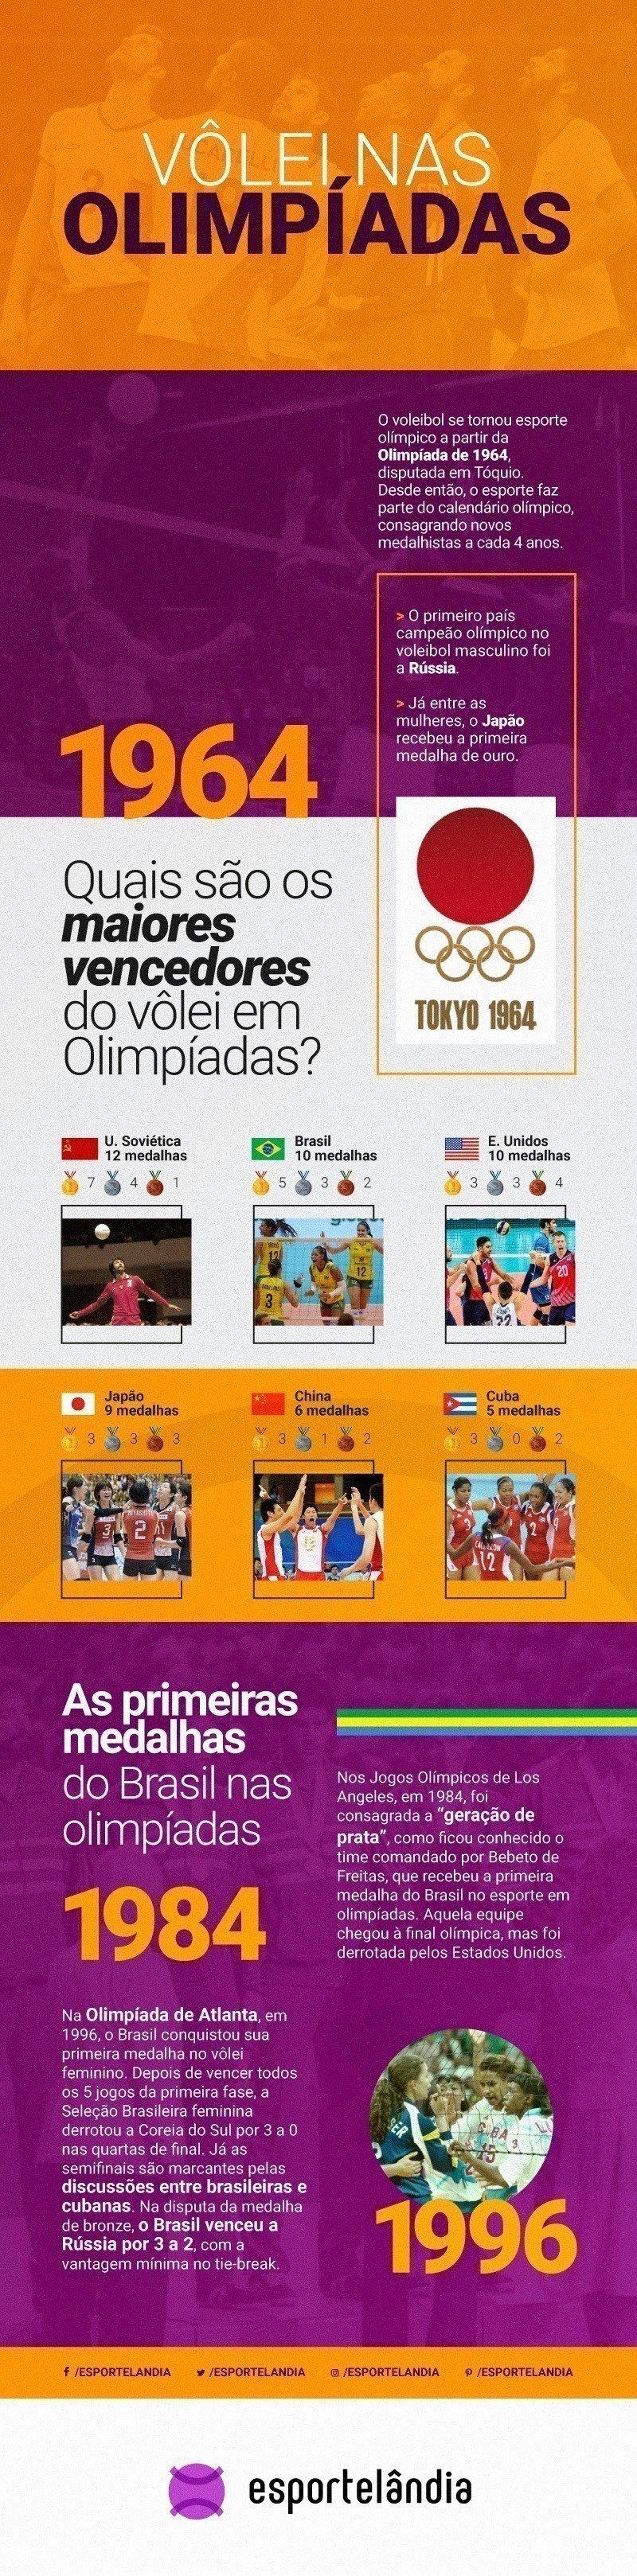 Vôlei nas Olimpíadas